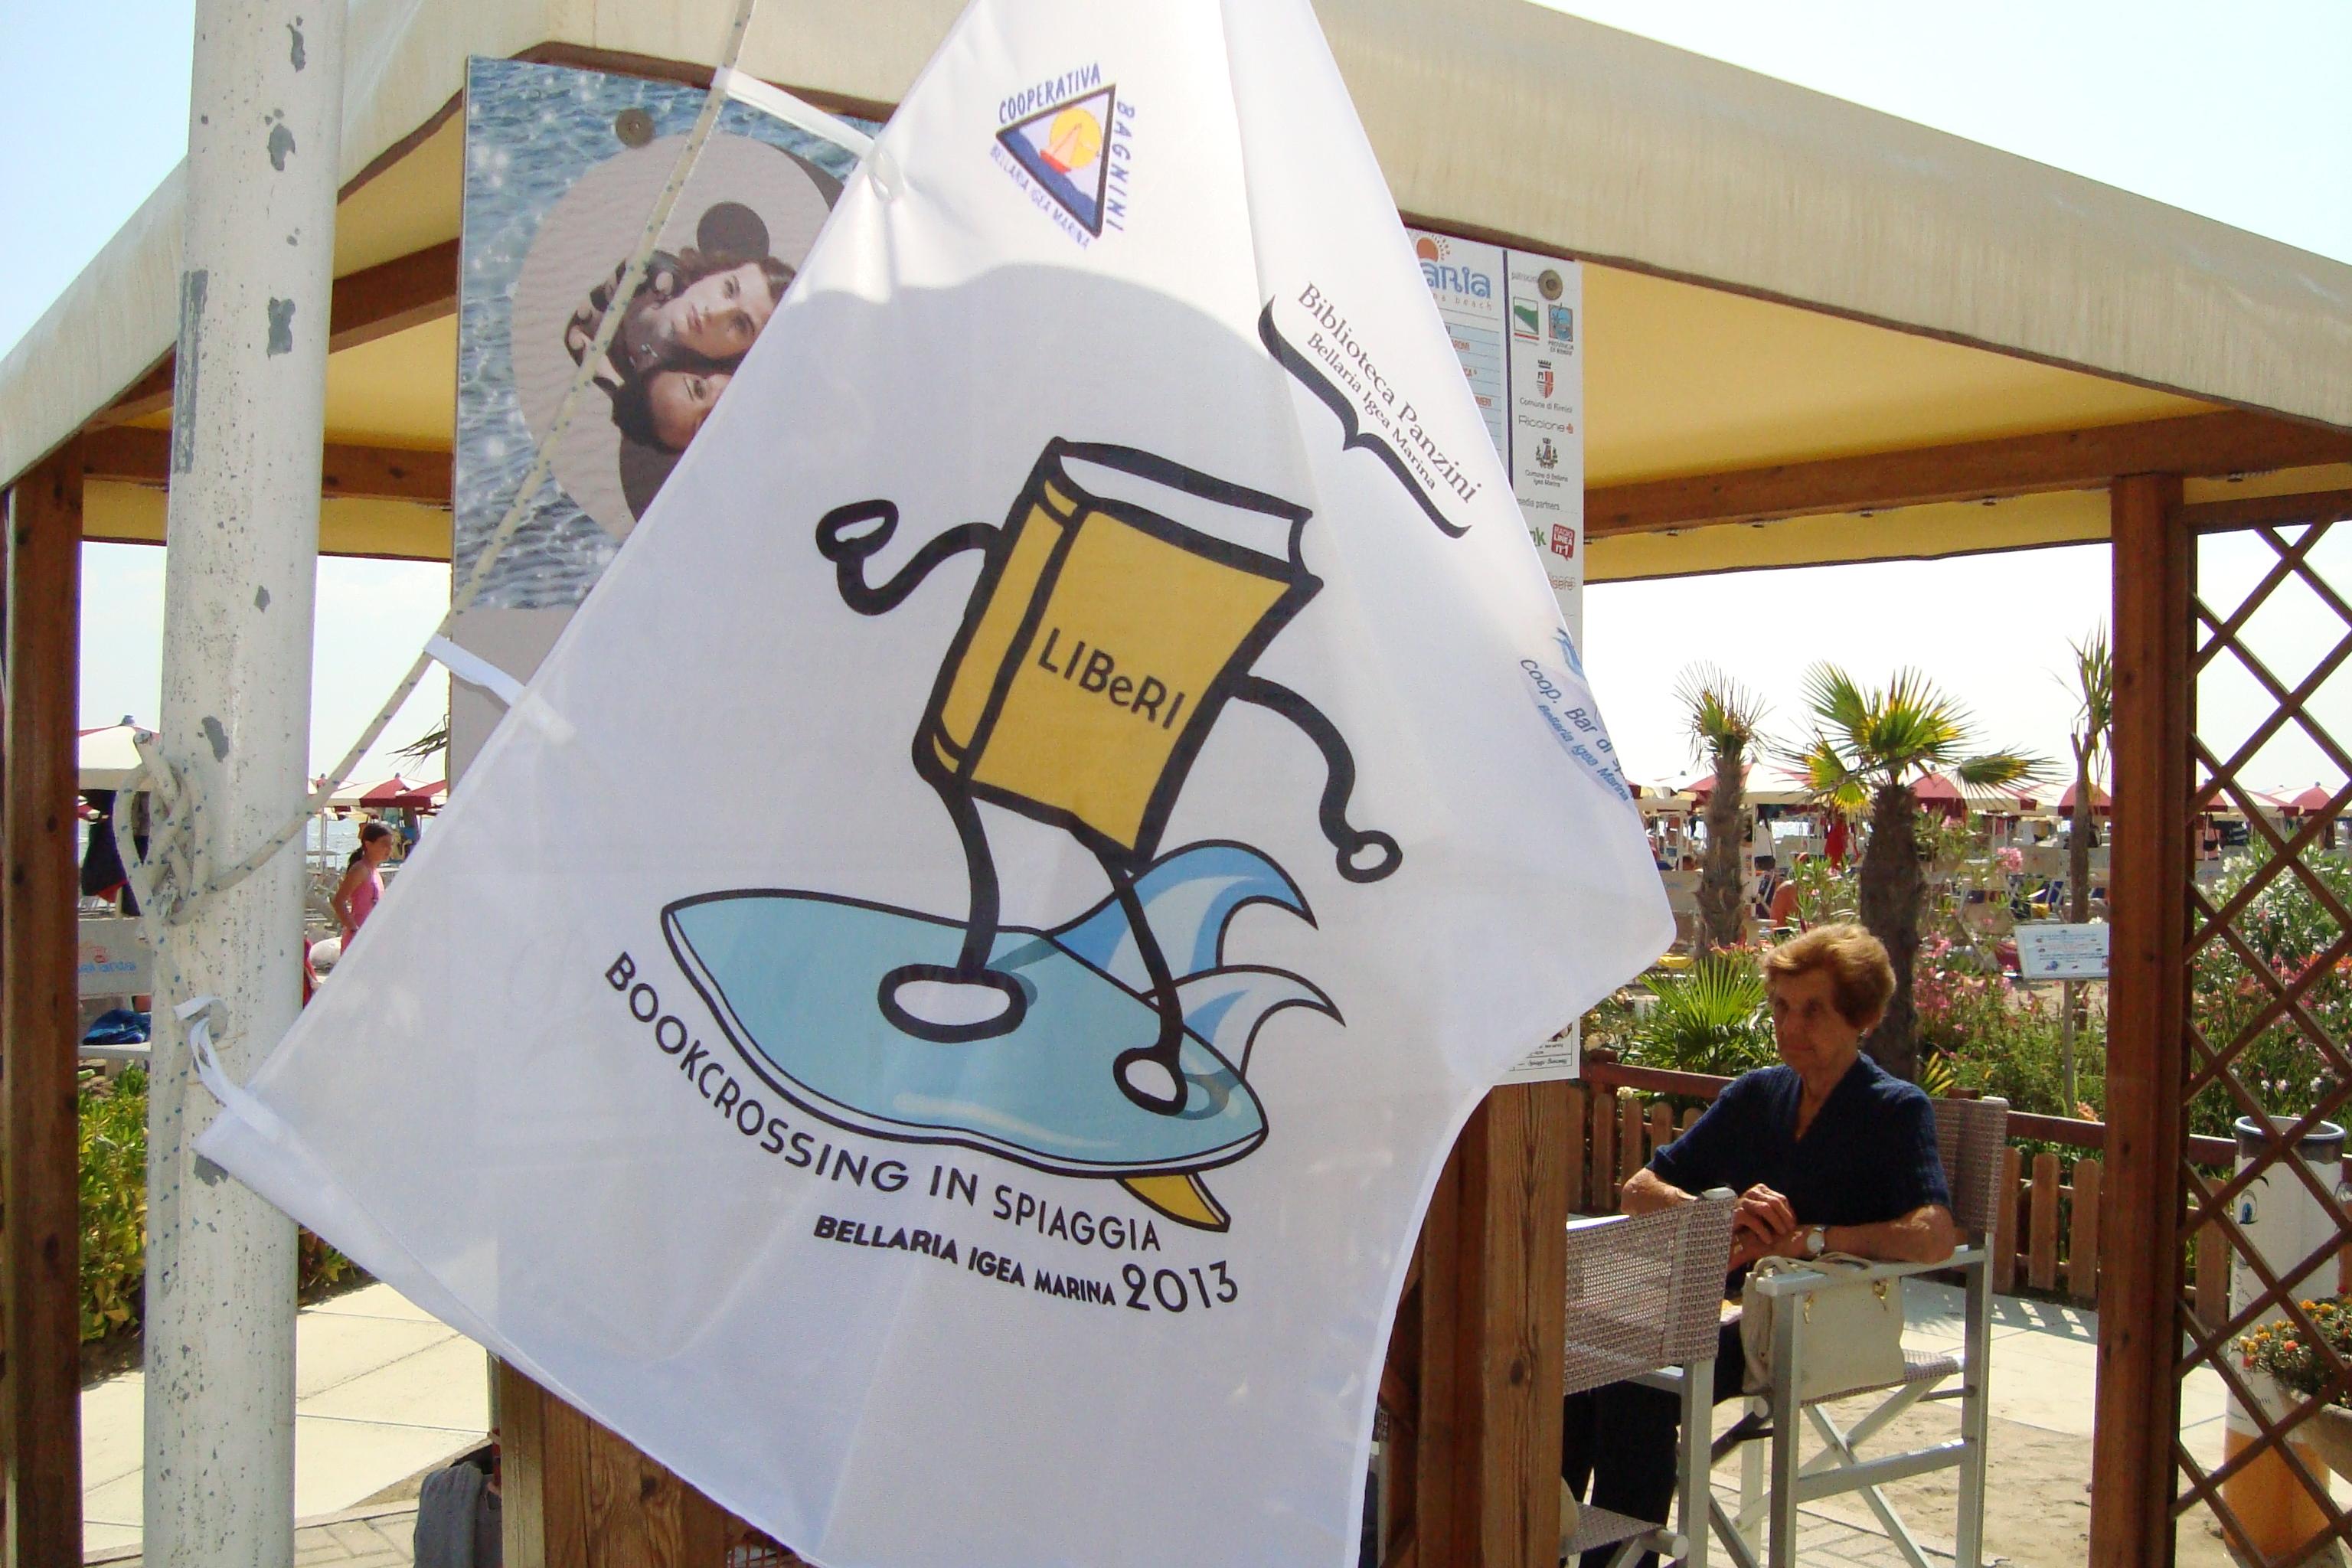 LIBeRI - Bookcrossing in spiaggia